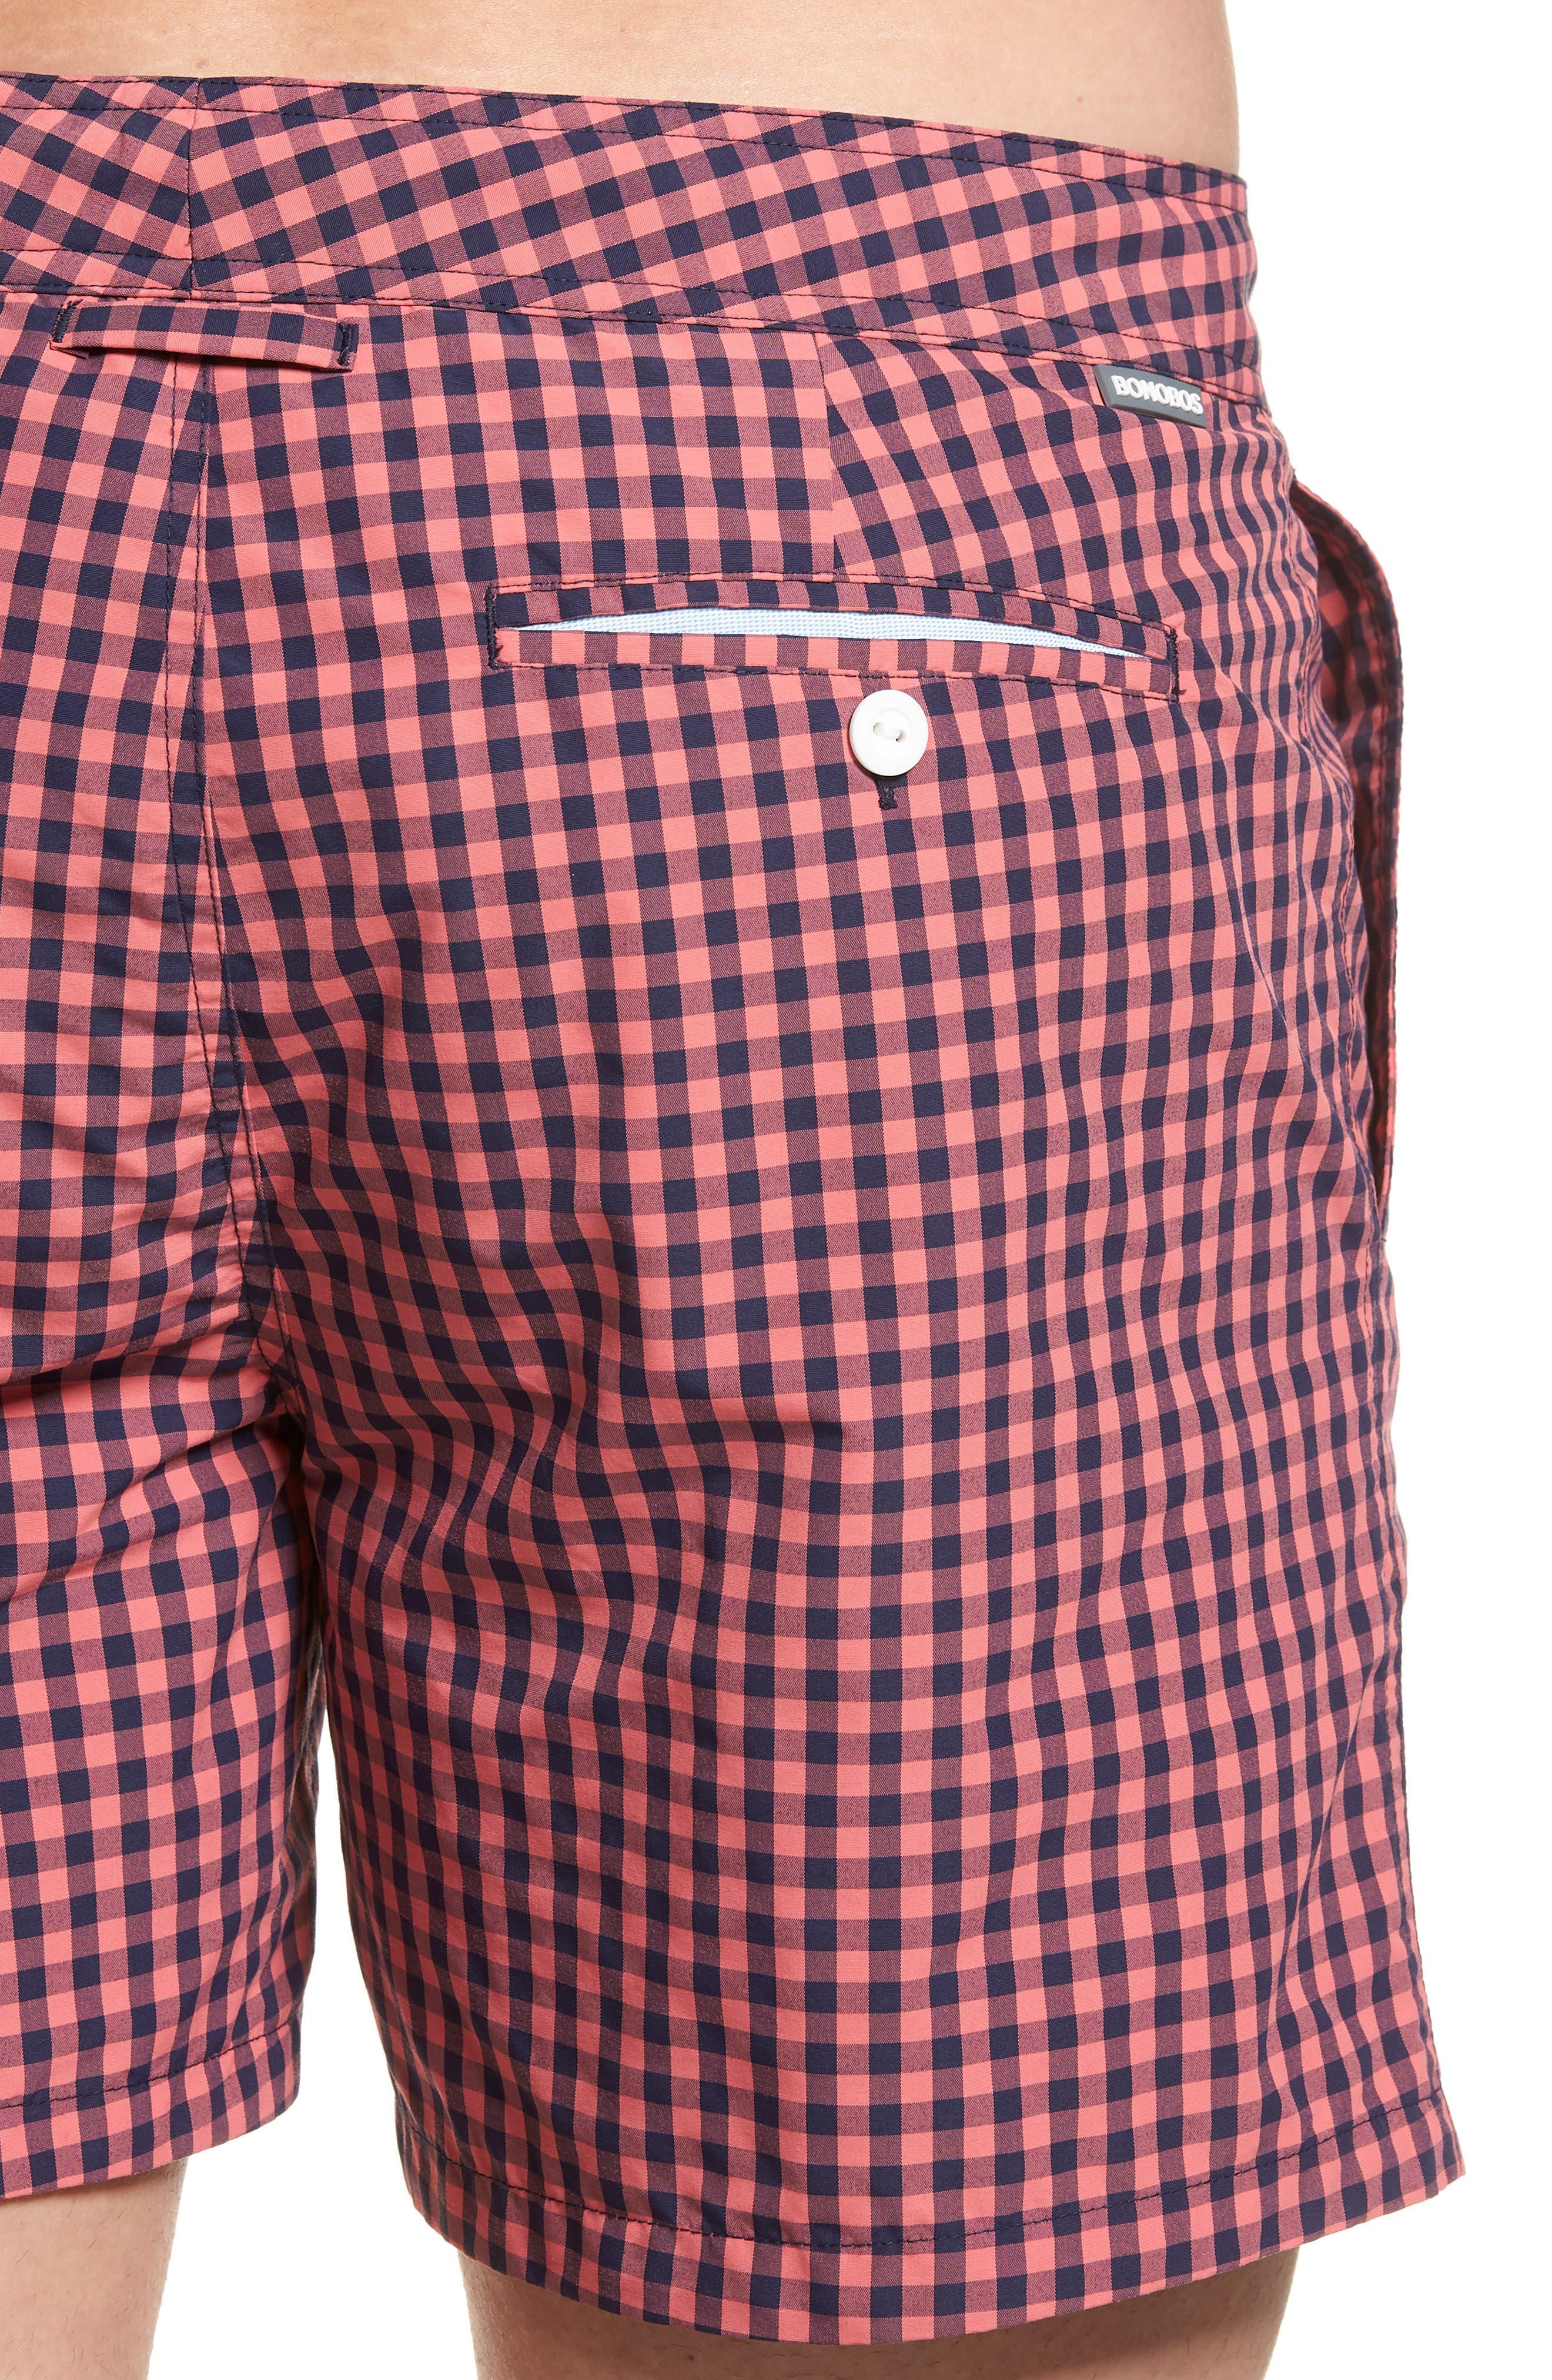 Gingham 5-Inch Swim Trunks,                             Alternate thumbnail 4, color,